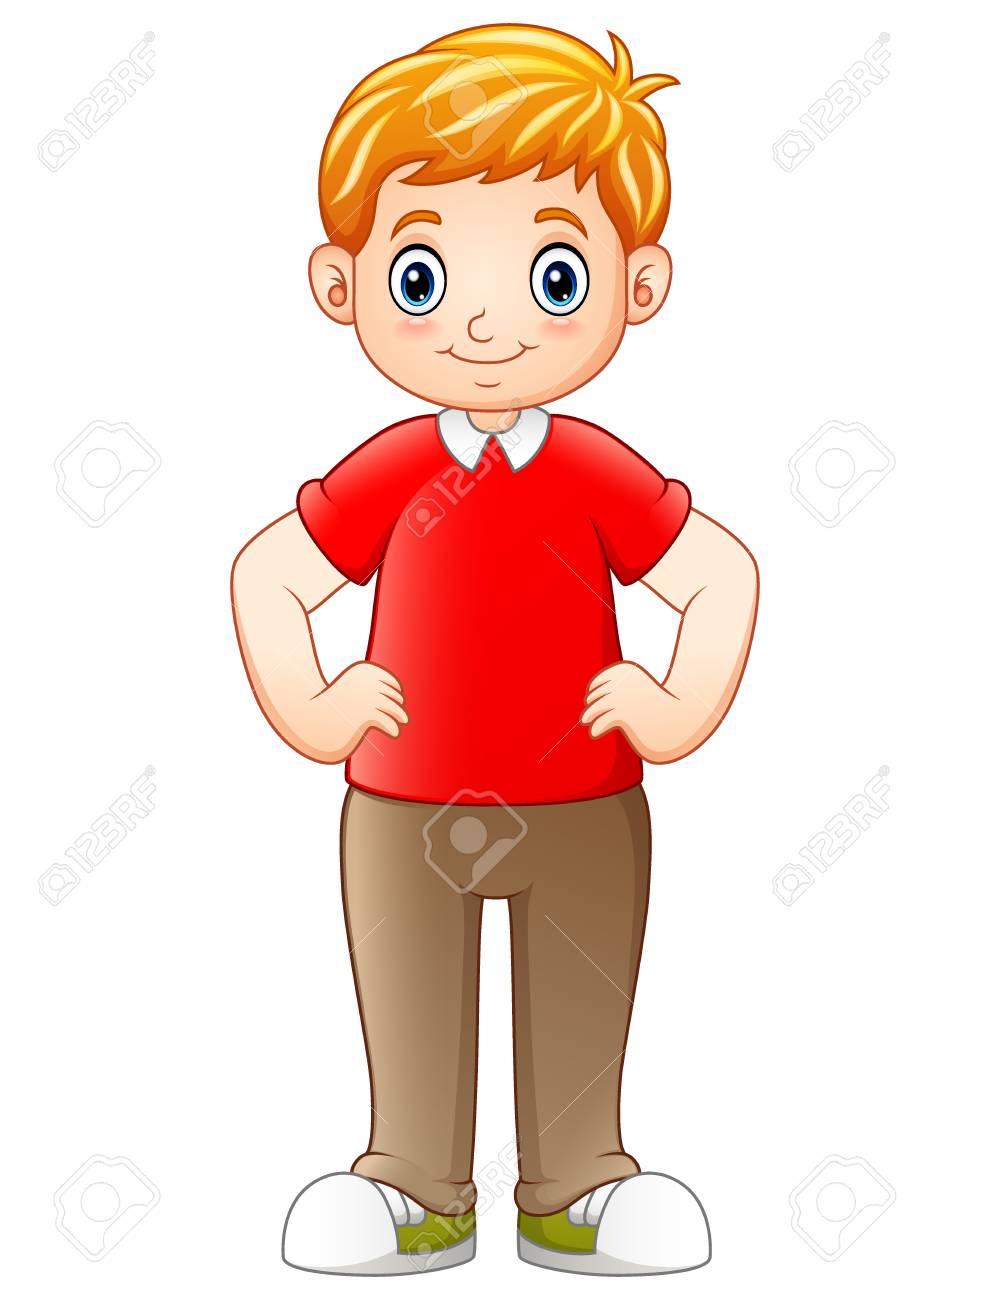 Ilustración De Vector De Niño De Dibujos Animados De Pie Y Cogidos